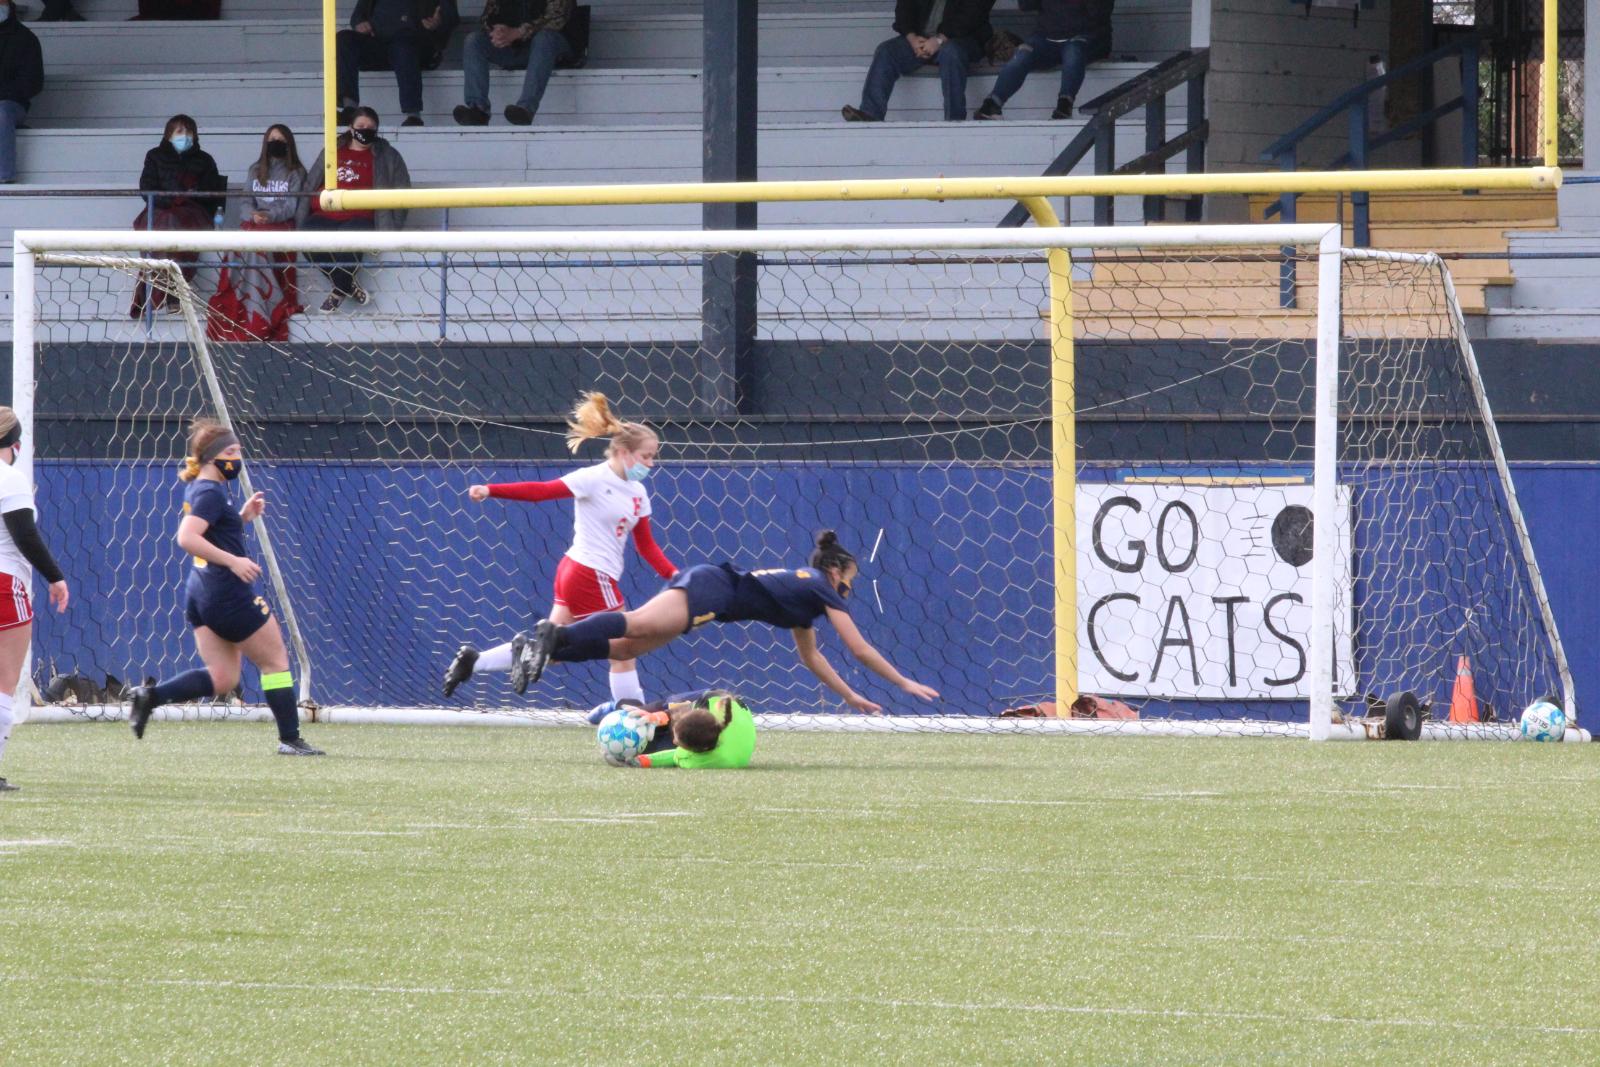 Hoquiam v. Aberdeen Varsity Girls Soccer 2/20/21 (0-3 Loss) – Photos by Ben Winkelman